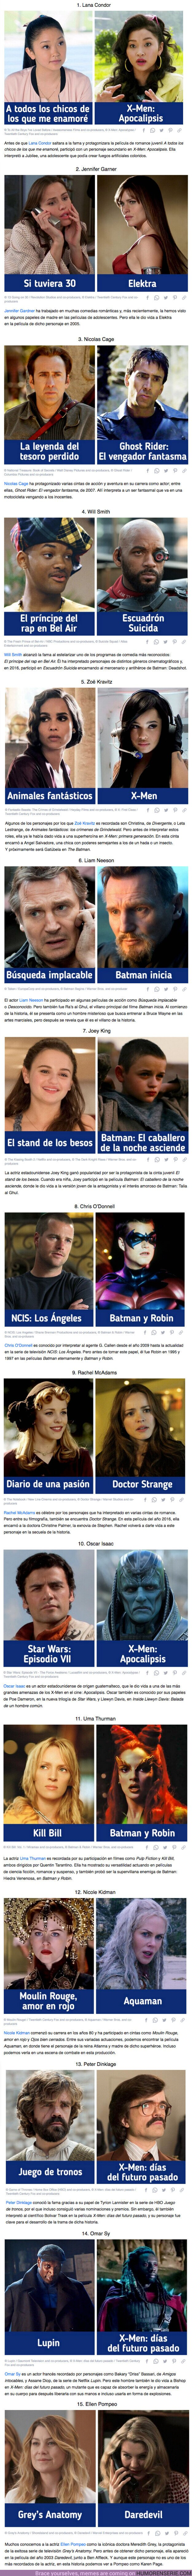 69585 - GALERÍA: 15 Famosos que no recordamos mucho por sus papeles en las películas de superhéroes, pero sí por sus otros personajes